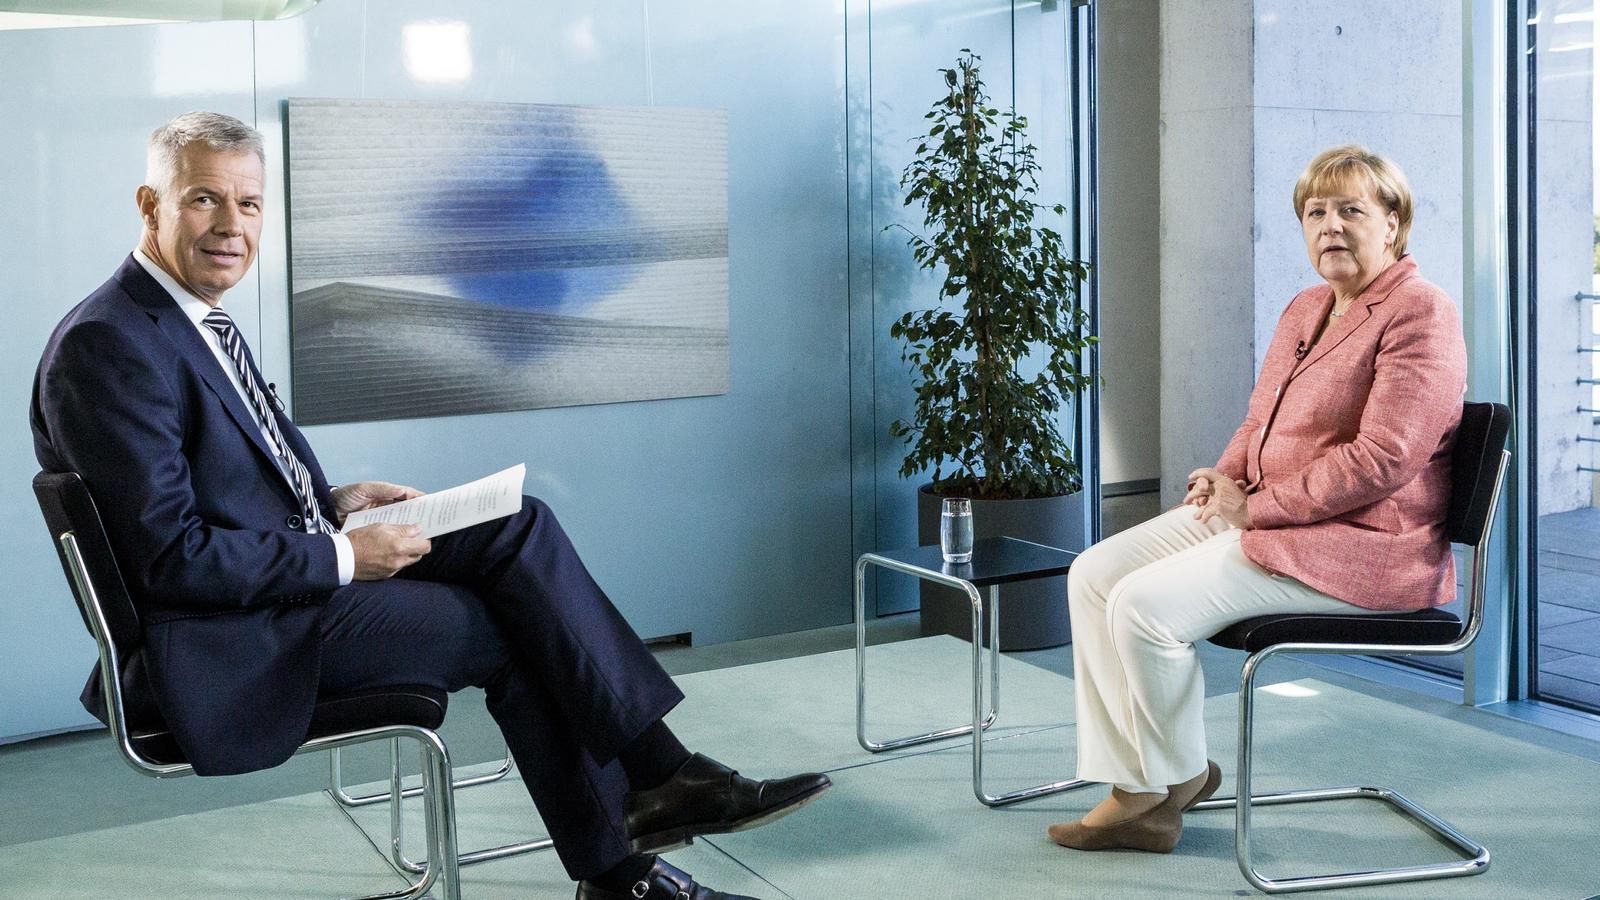 Peter Kloeppel hat Angela Merkel oft getroffen und viele Eindrücke sammeln können, die er im RTL-Themenabend zur Kanzlerin teilt.